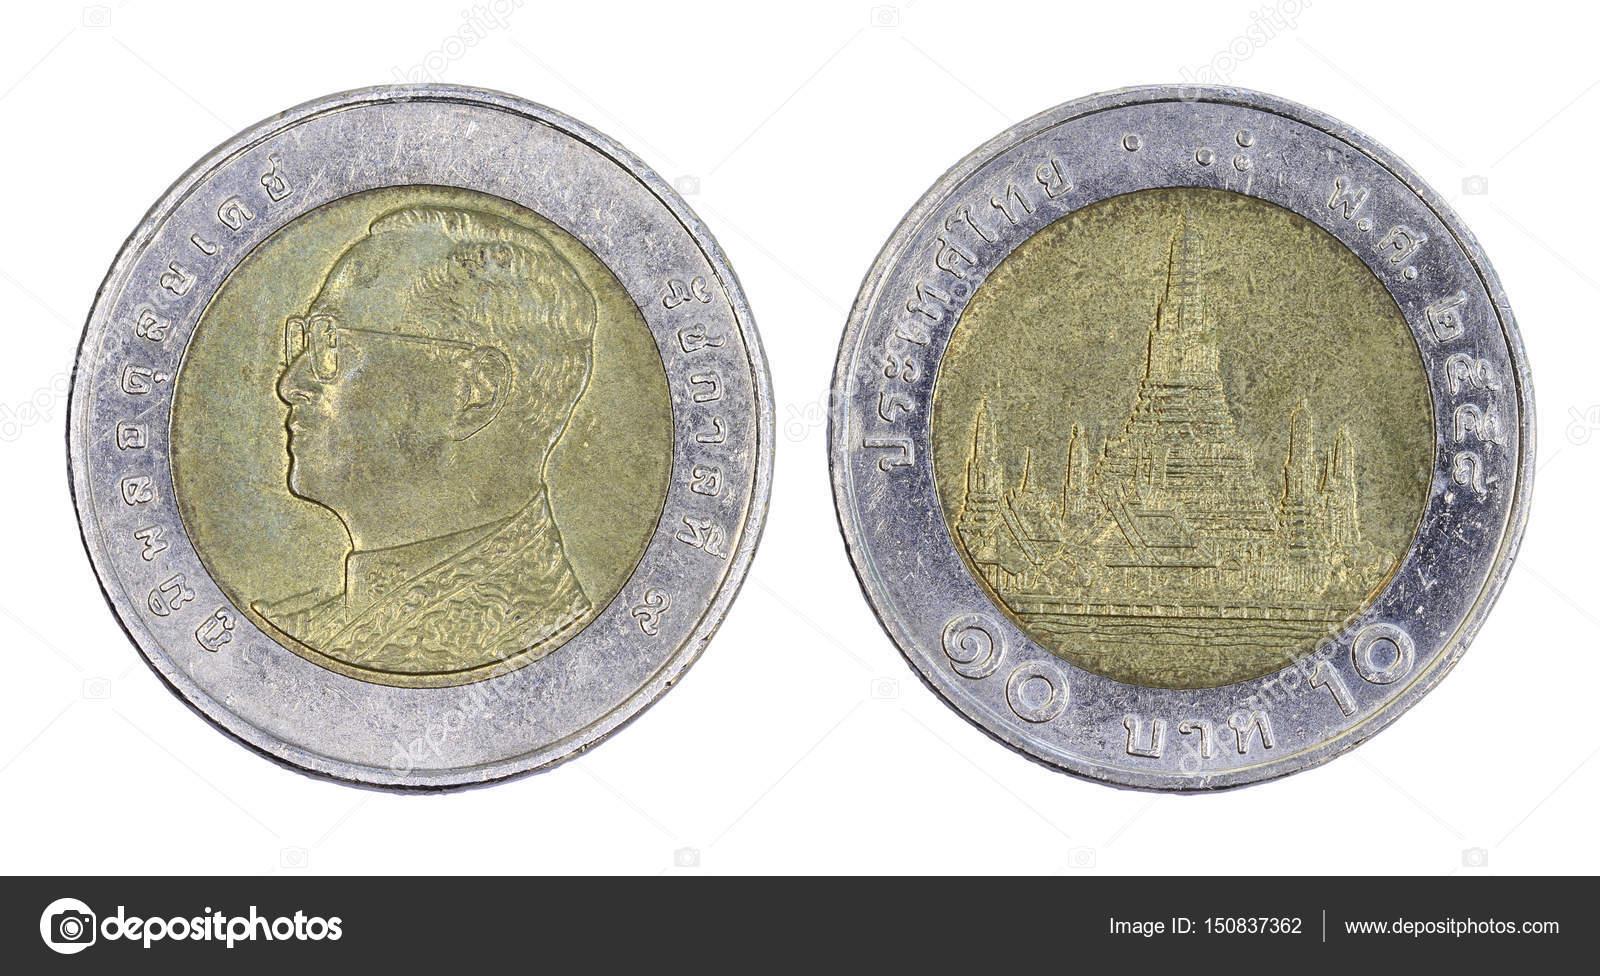 Thailand 10 Baht Münze 2015 Isoliert Auf Weißem Hintergrund